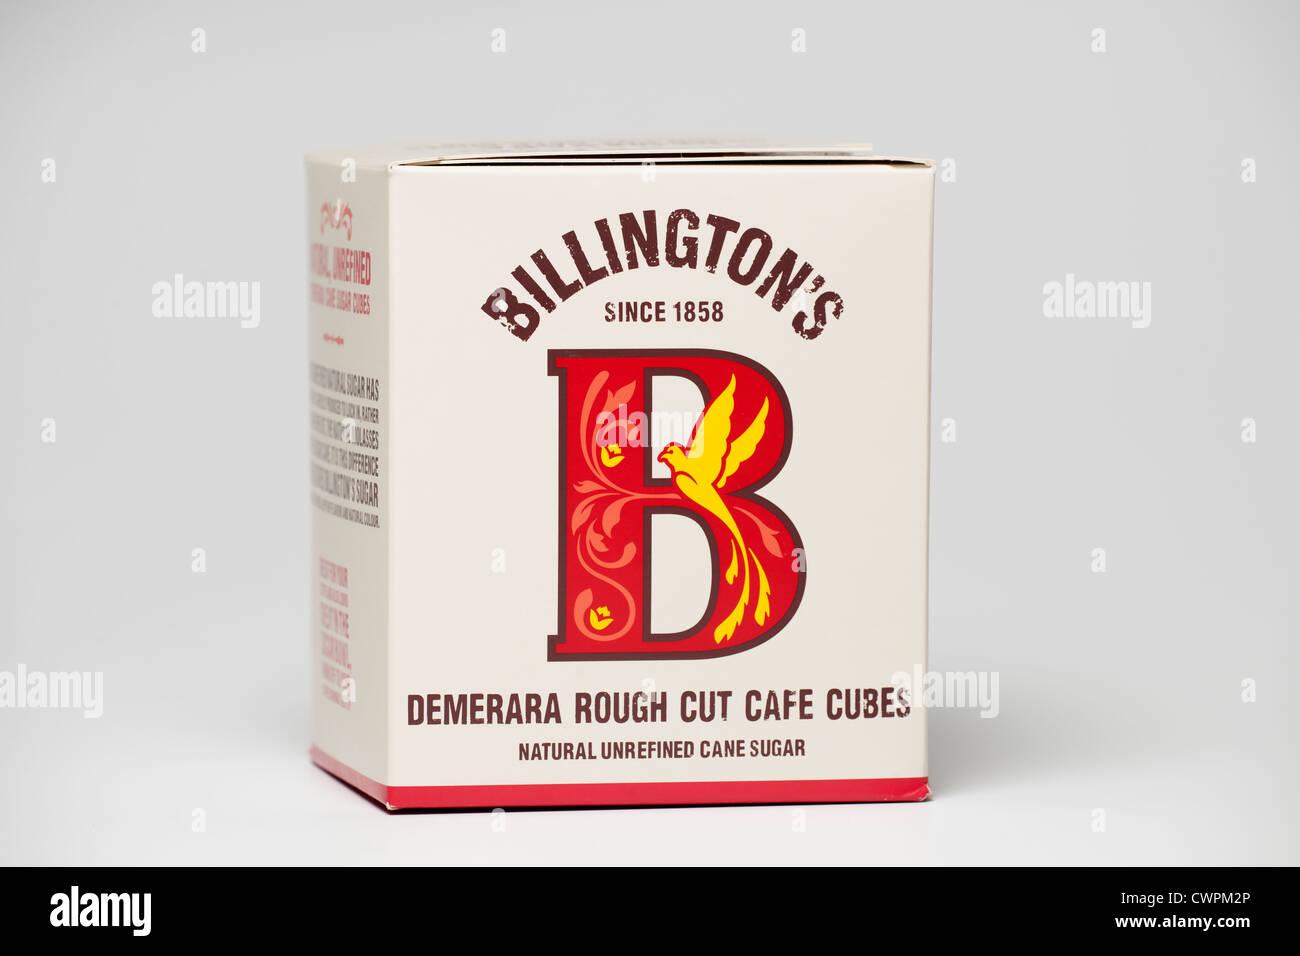 Fort d'Billingtons non raffiné le sucre de canne naturel Demerara Couper grossièrement les cubes de Photo Stock